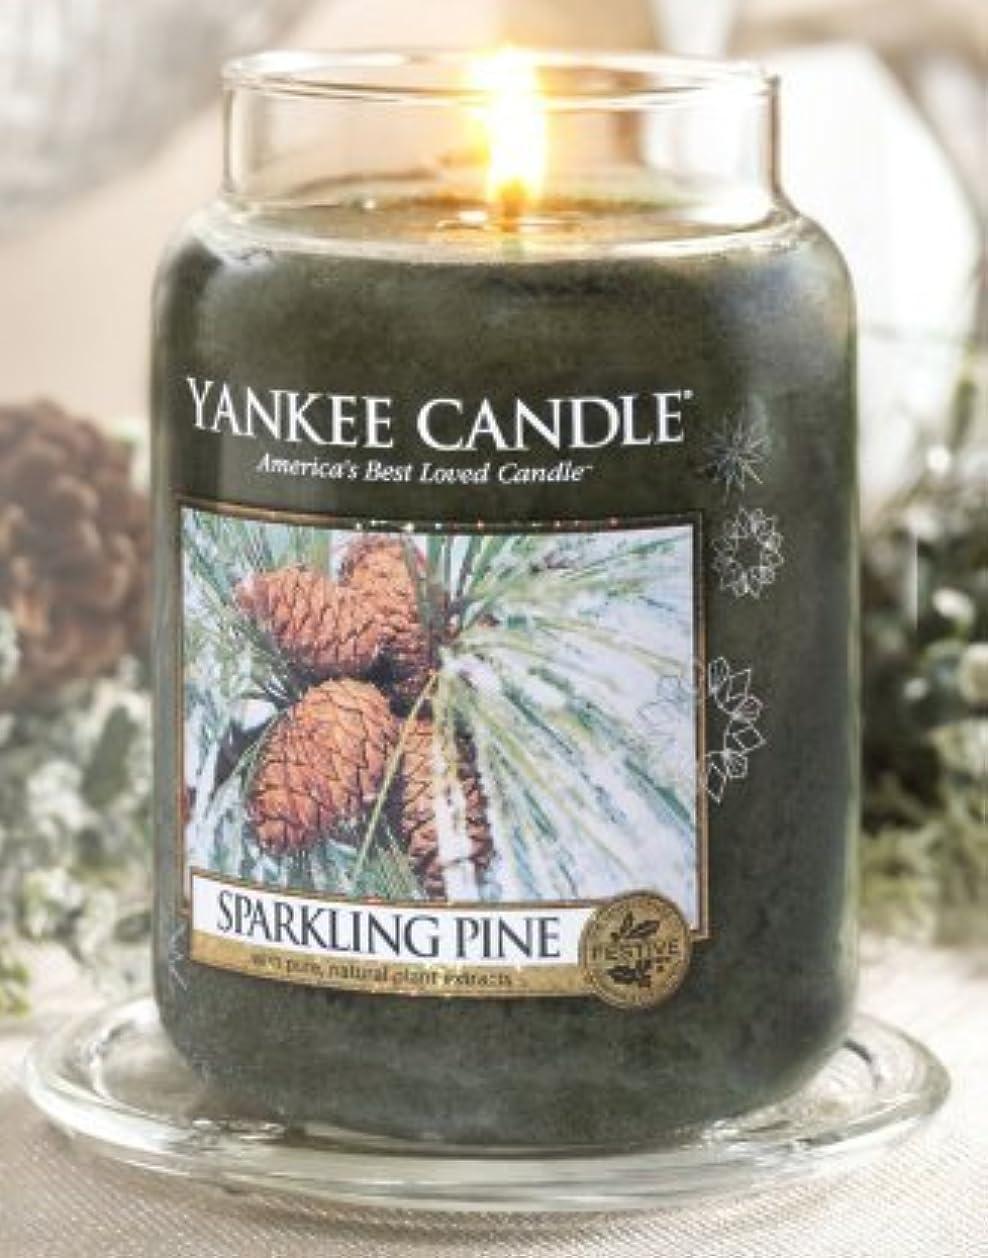 ヒューム誰でも先入観Yankee Candle Sparkling Pine Large Jar Candle